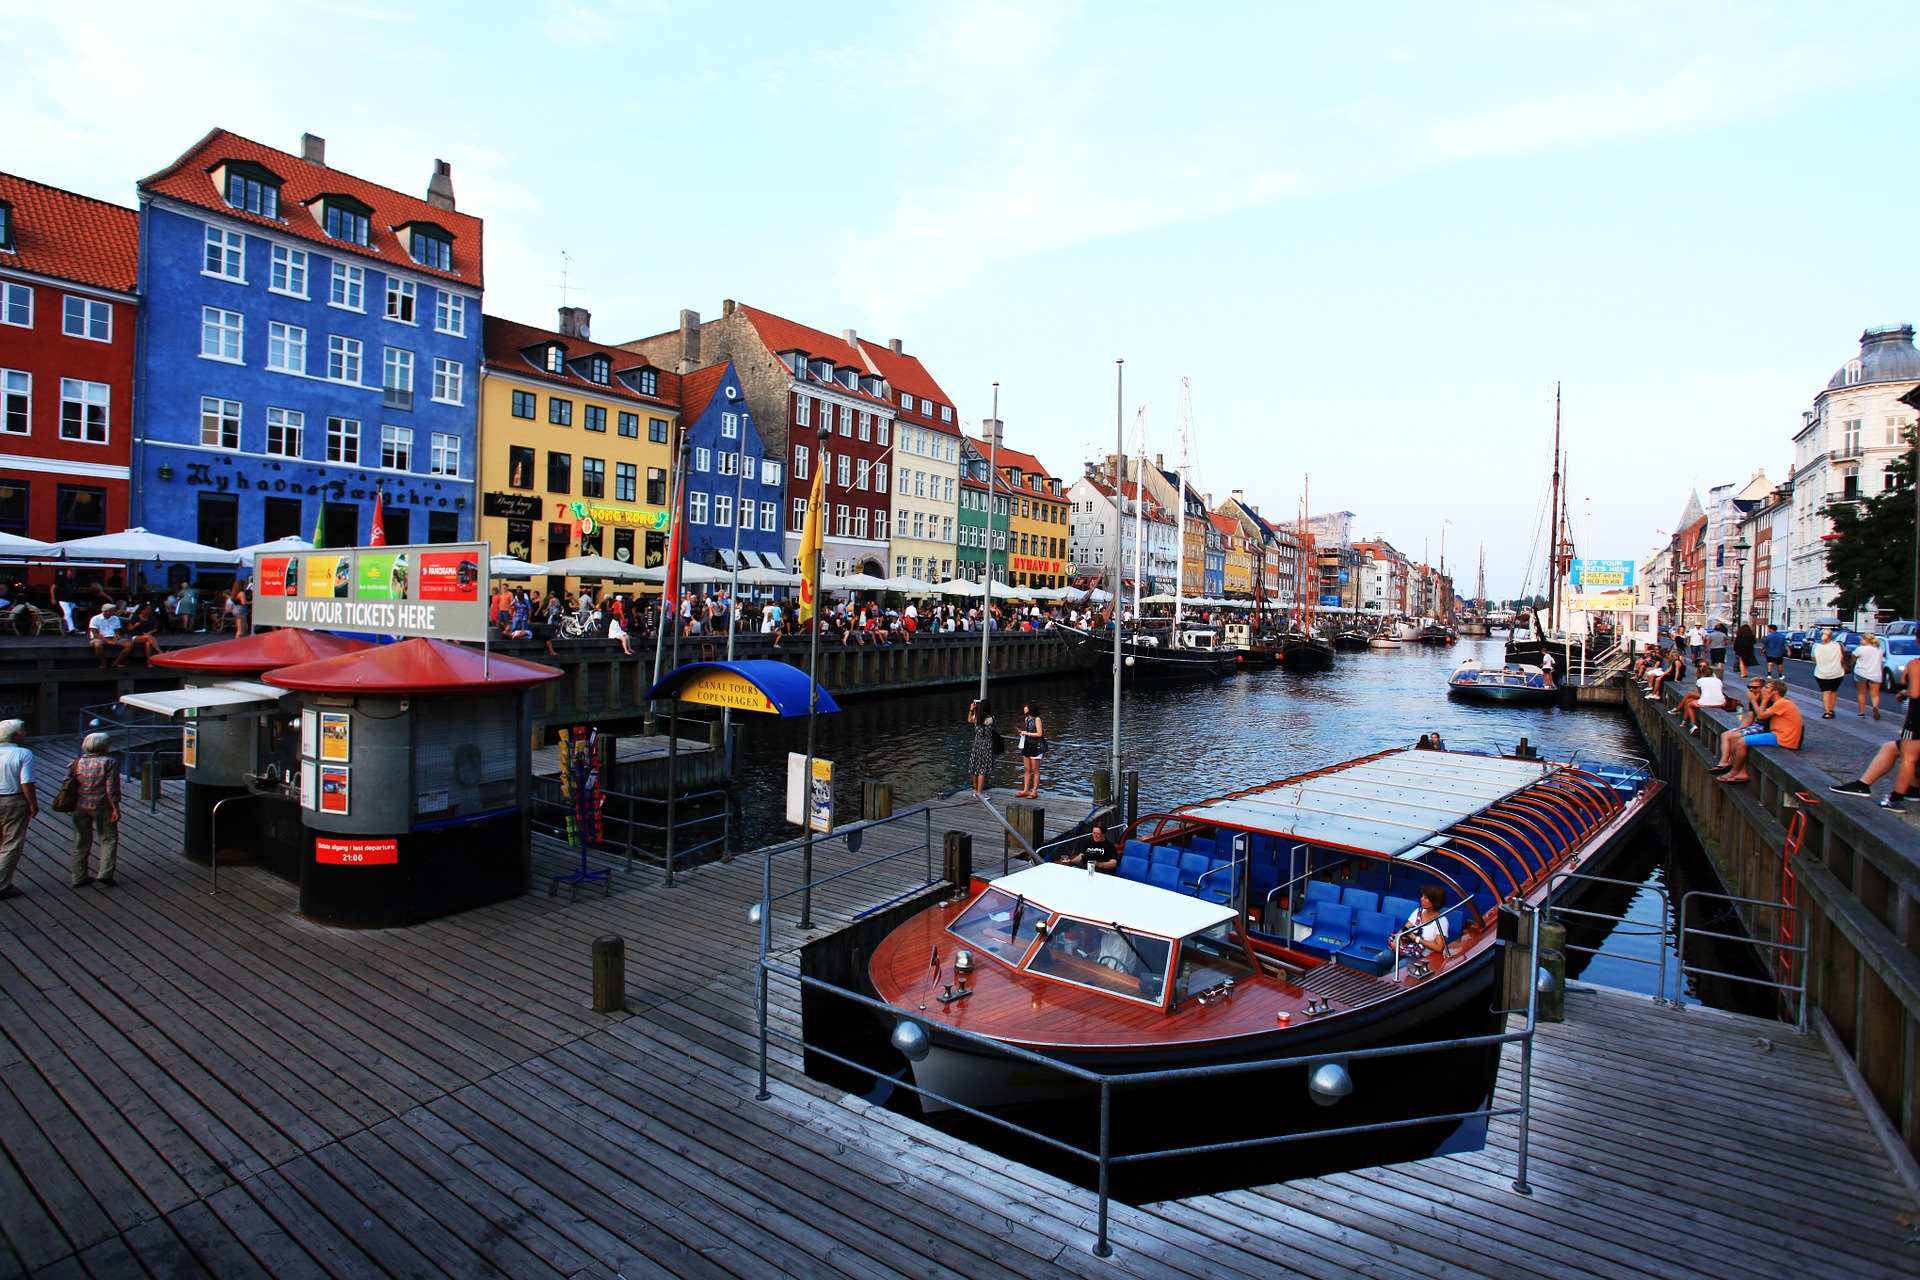 Kopenhagen Dänemark - Städtereisen nach Skandinavien